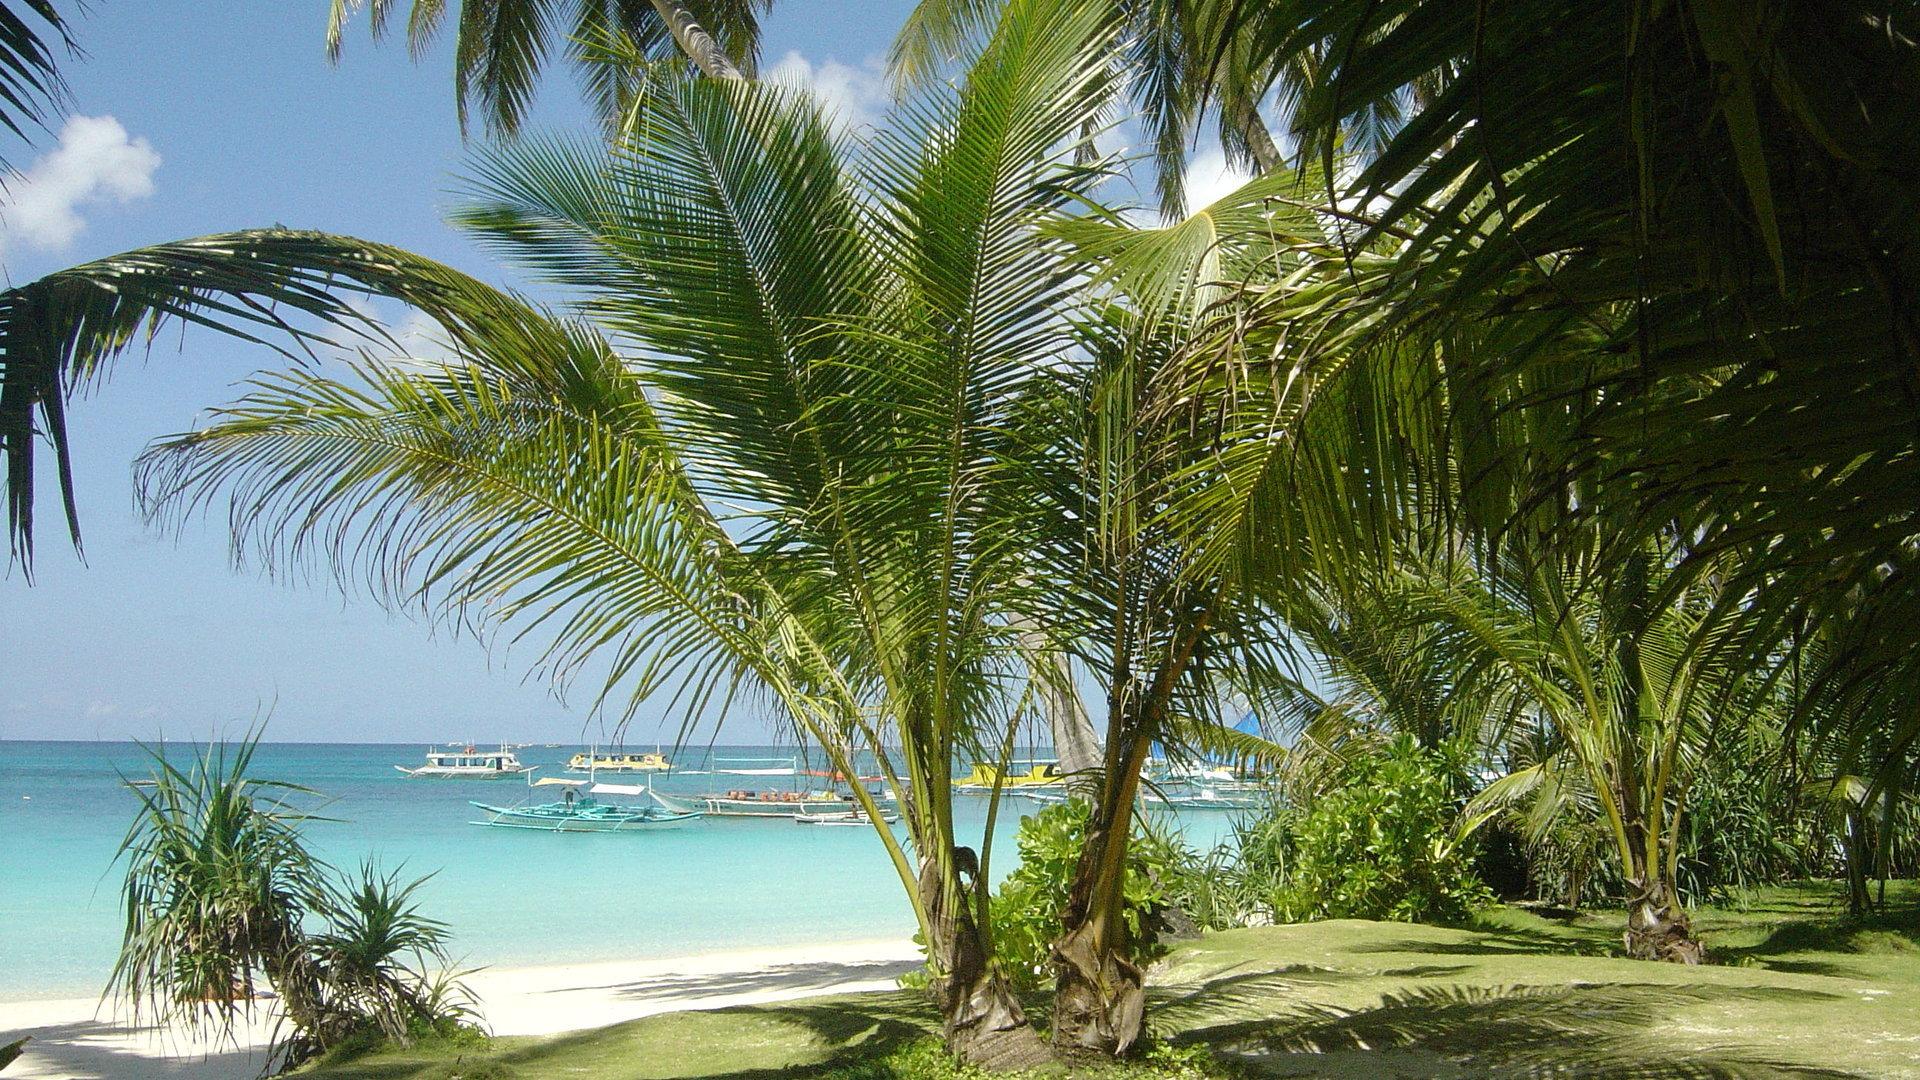 фото пальмы высокого качества есть